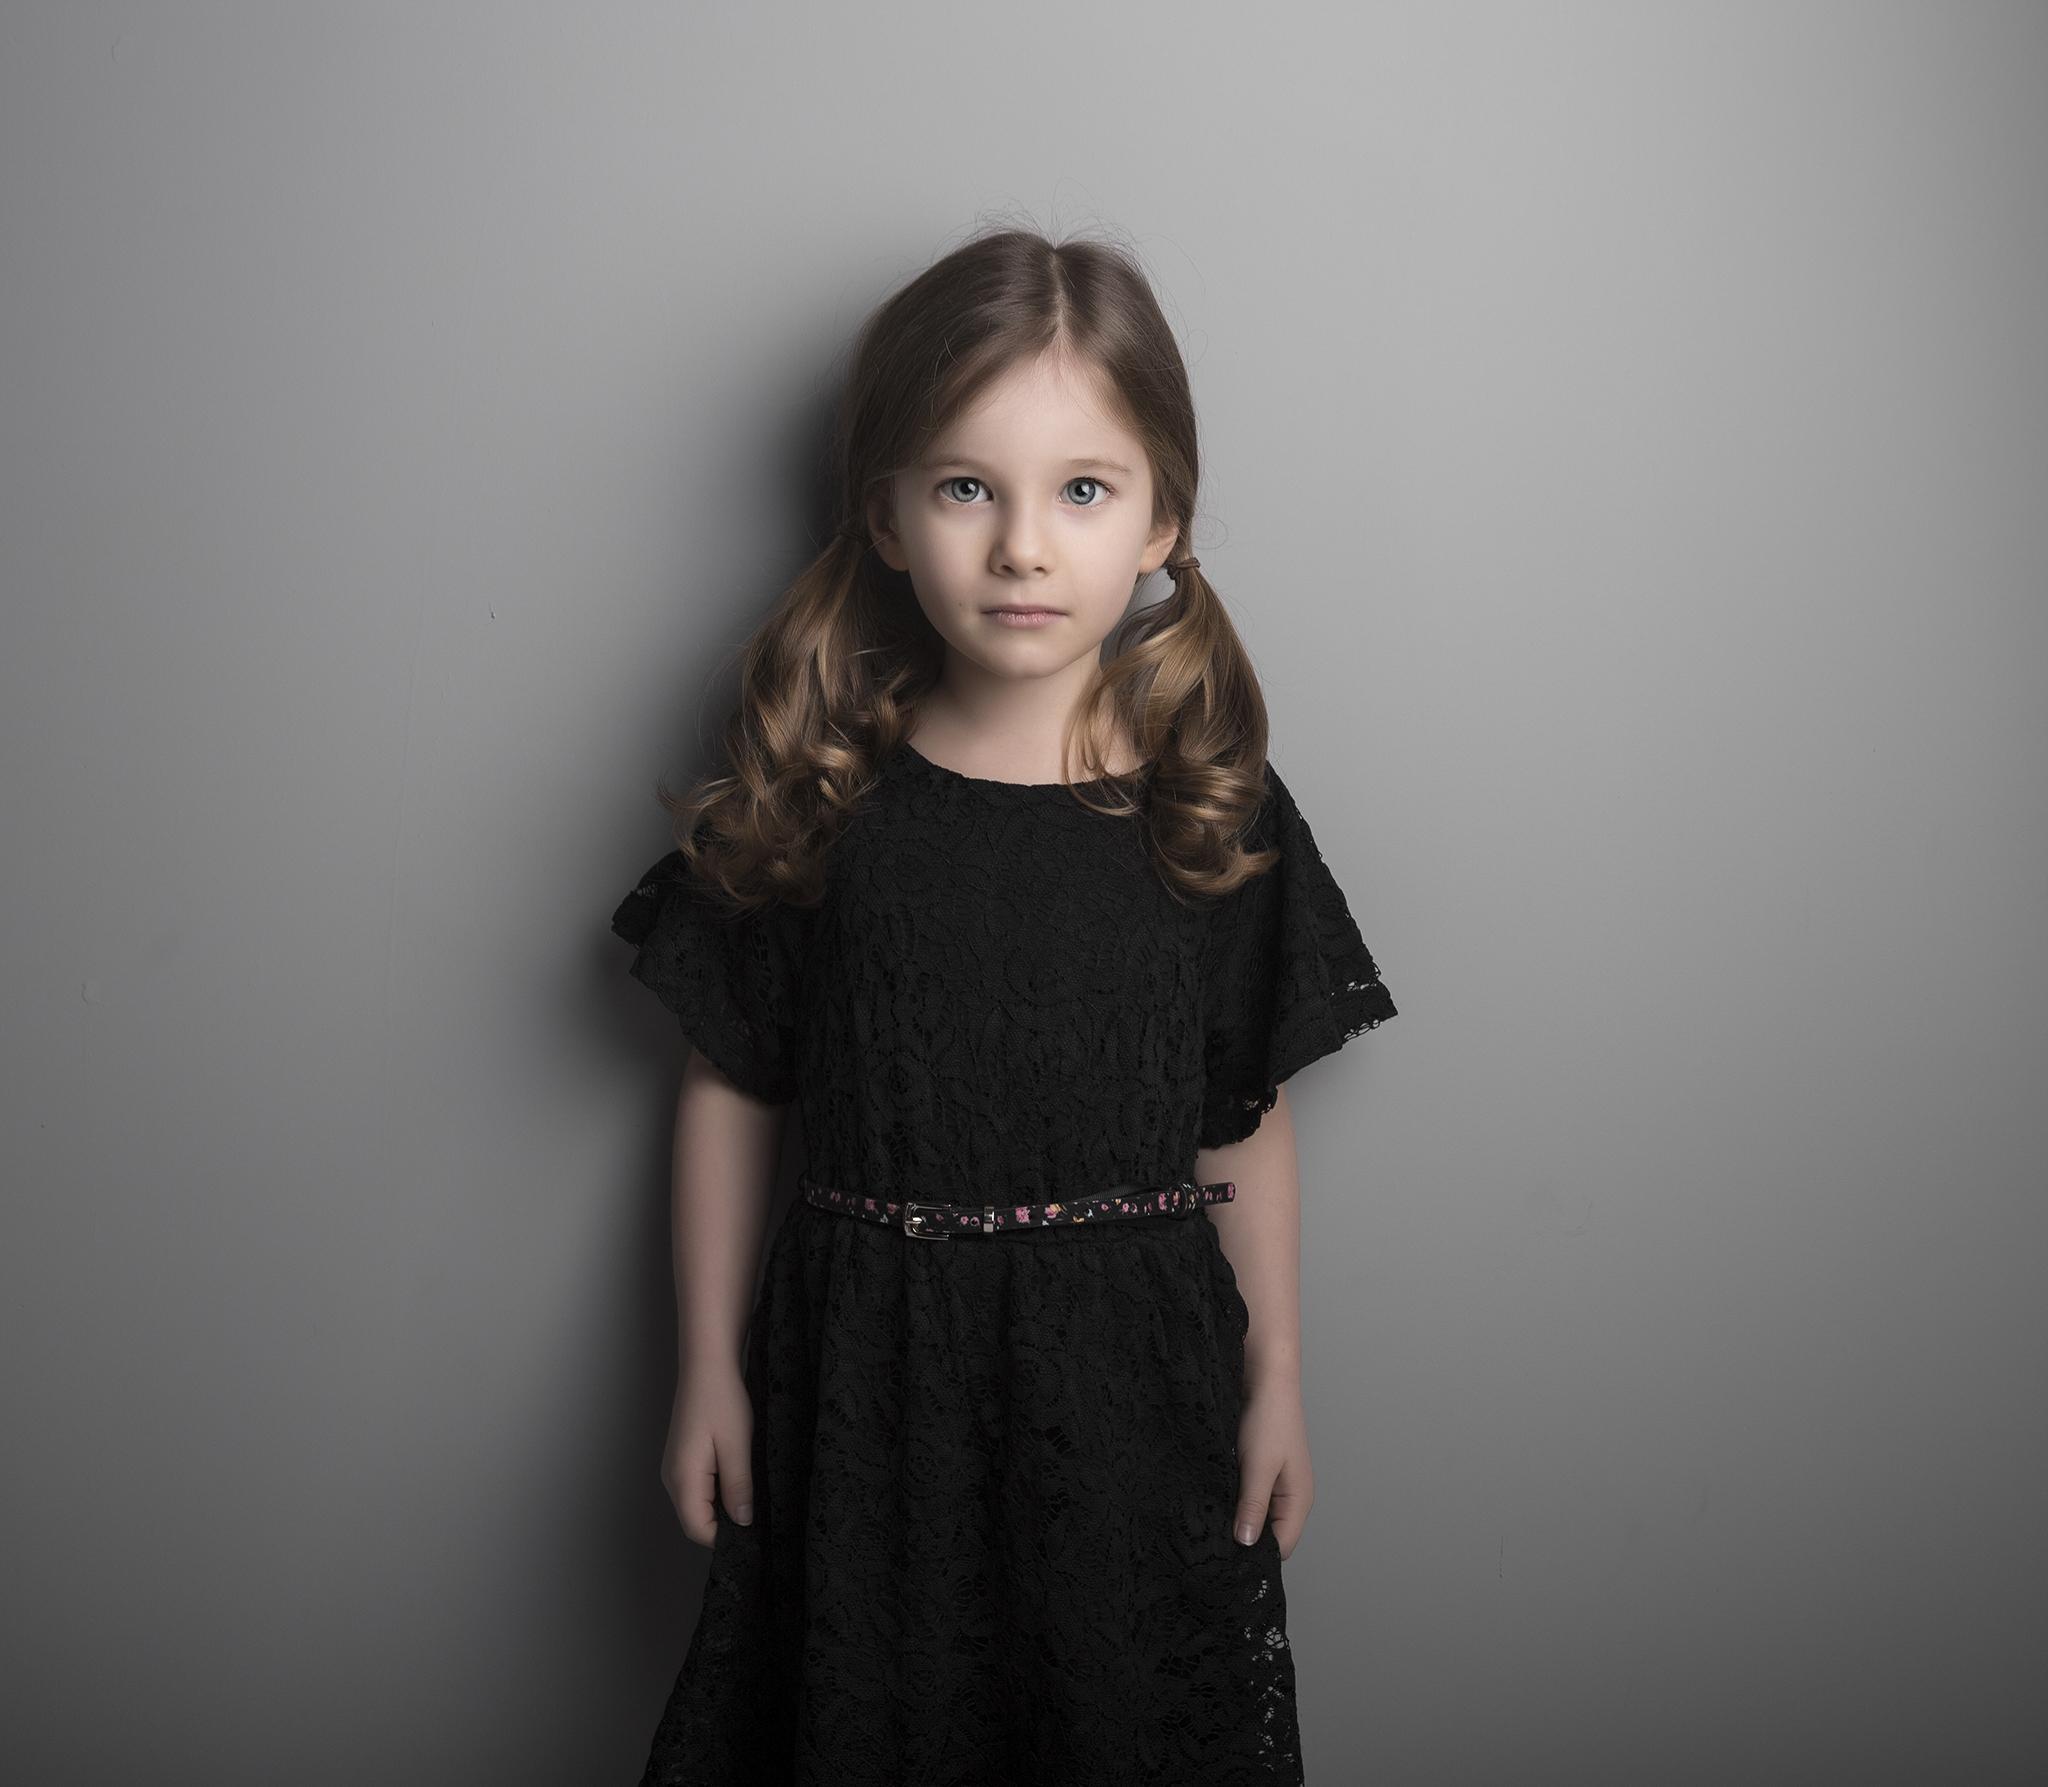 elizabethgphotography_childrens_fineart_kingslangley_hertfordshire_model_actor_updates_florrence_kids_london_2a.jpg